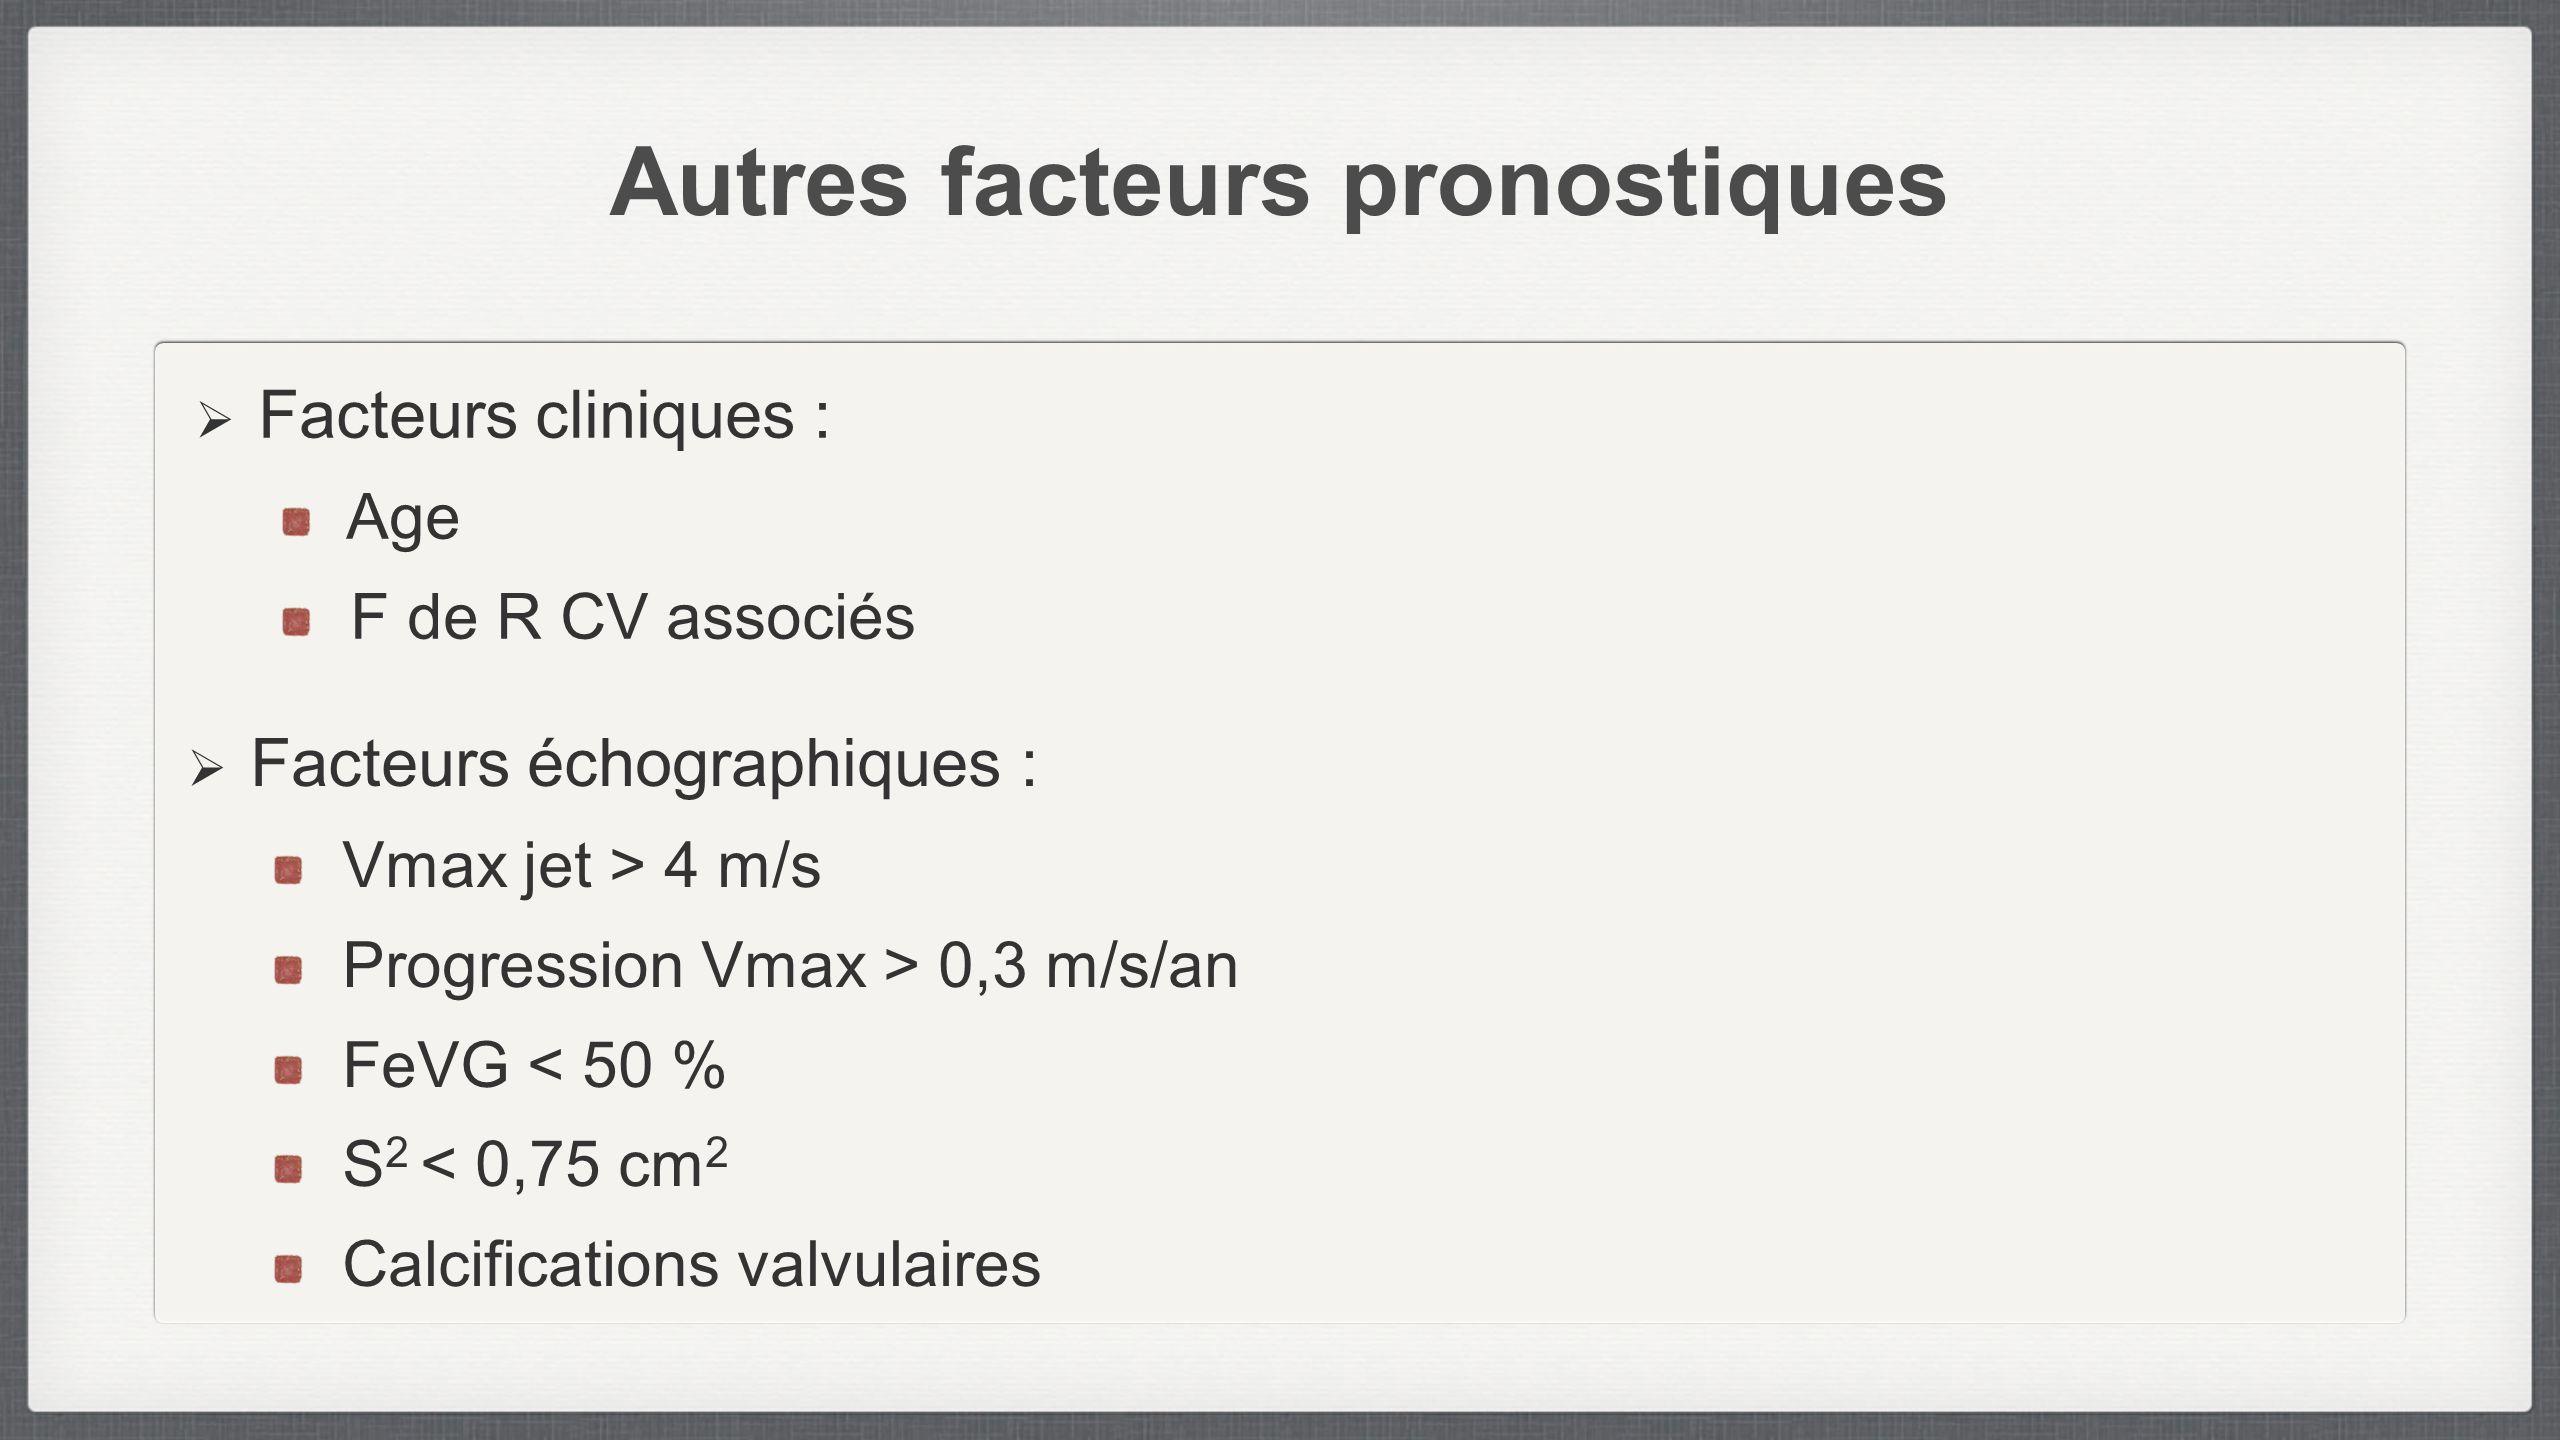 Autres facteurs pronostiques Facteurs échographiques : Vmax jet > 4 m/s Progression Vmax > 0,3 m/s/an FeVG < 50 % S 2 < 0,75 cm 2 Calcifications valvu